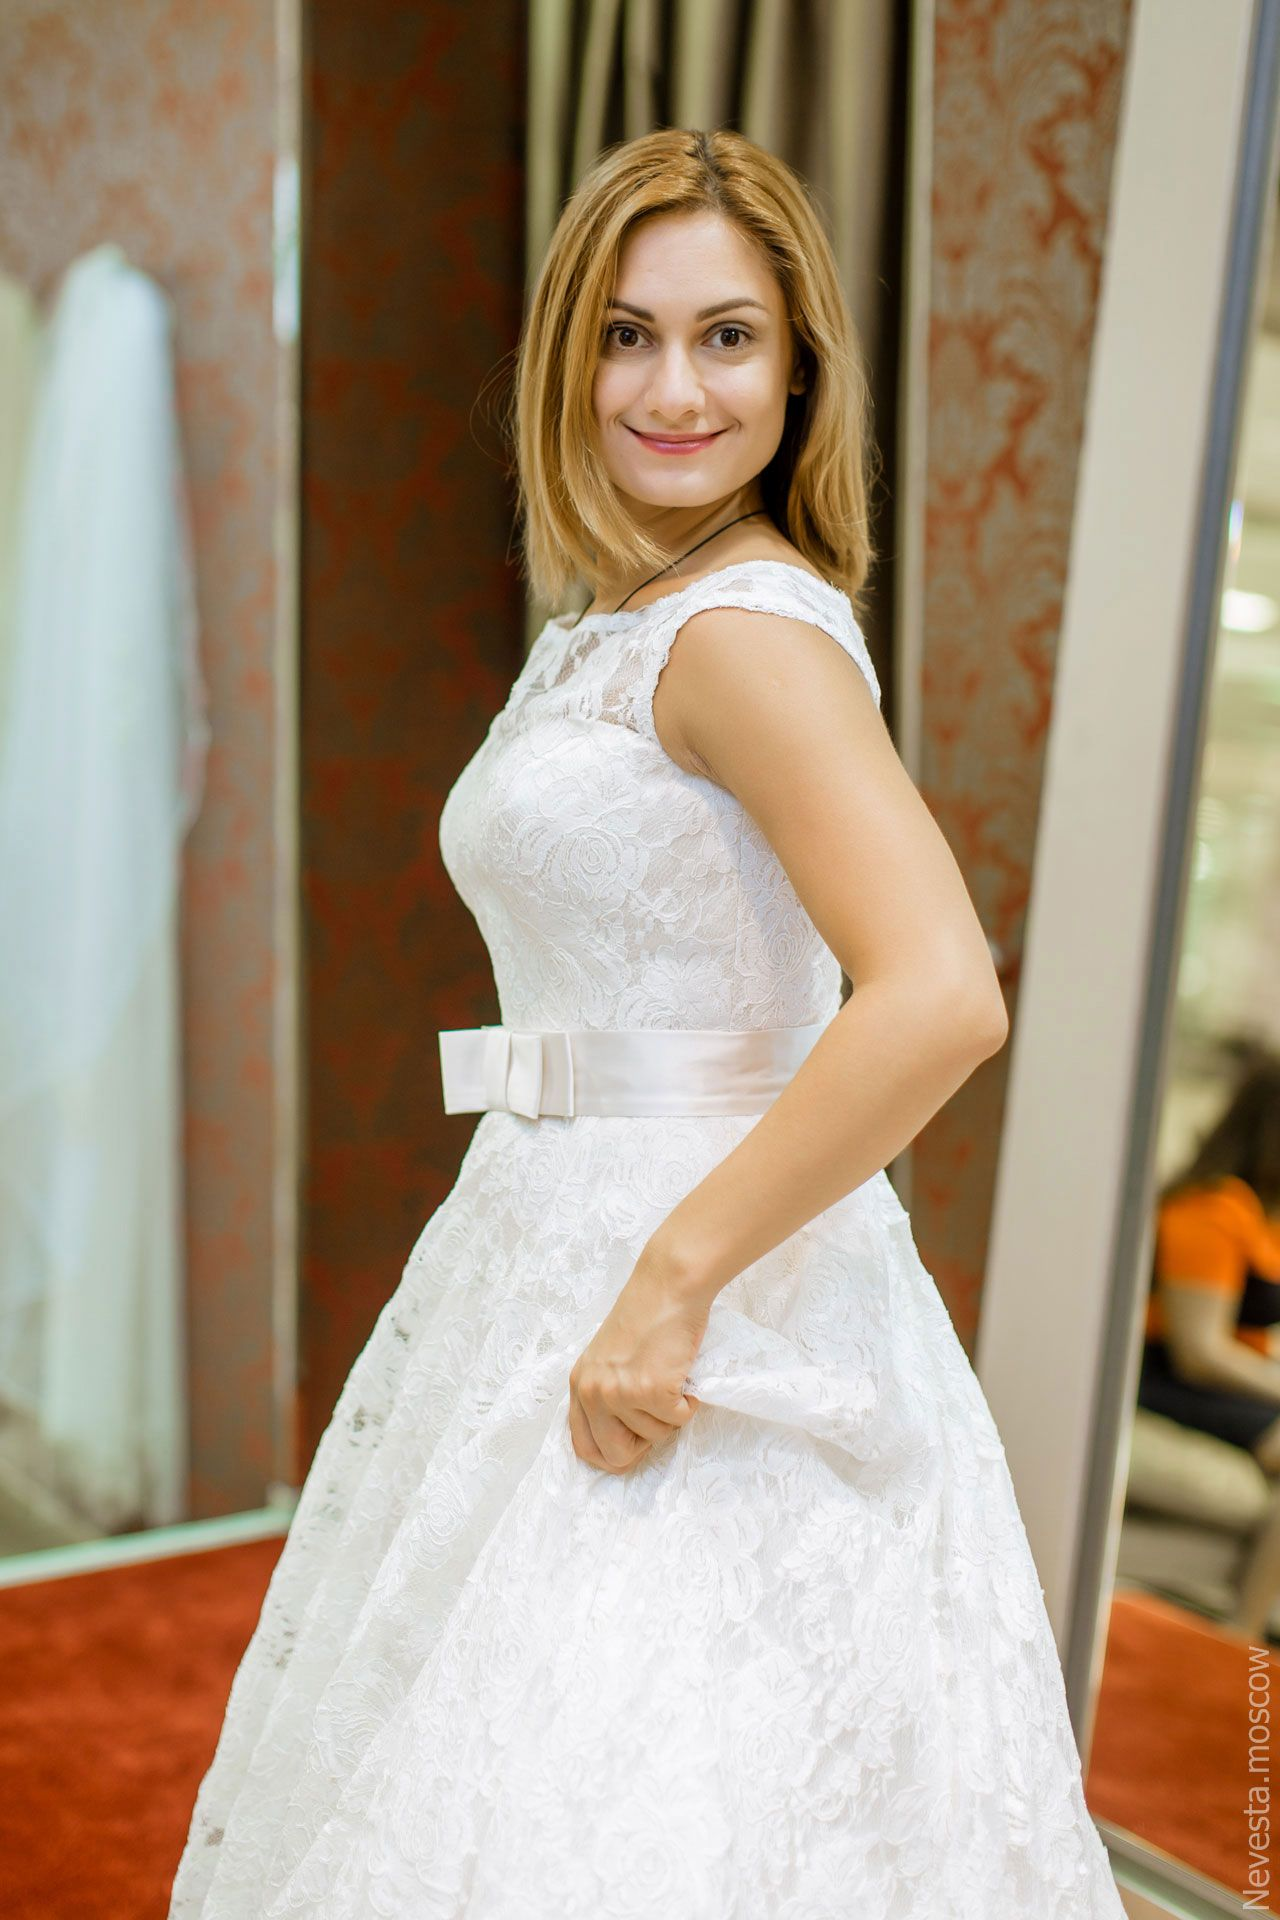 Киносвадьба для героини сериала «Физрук» Карины Мишулиной, фото 4